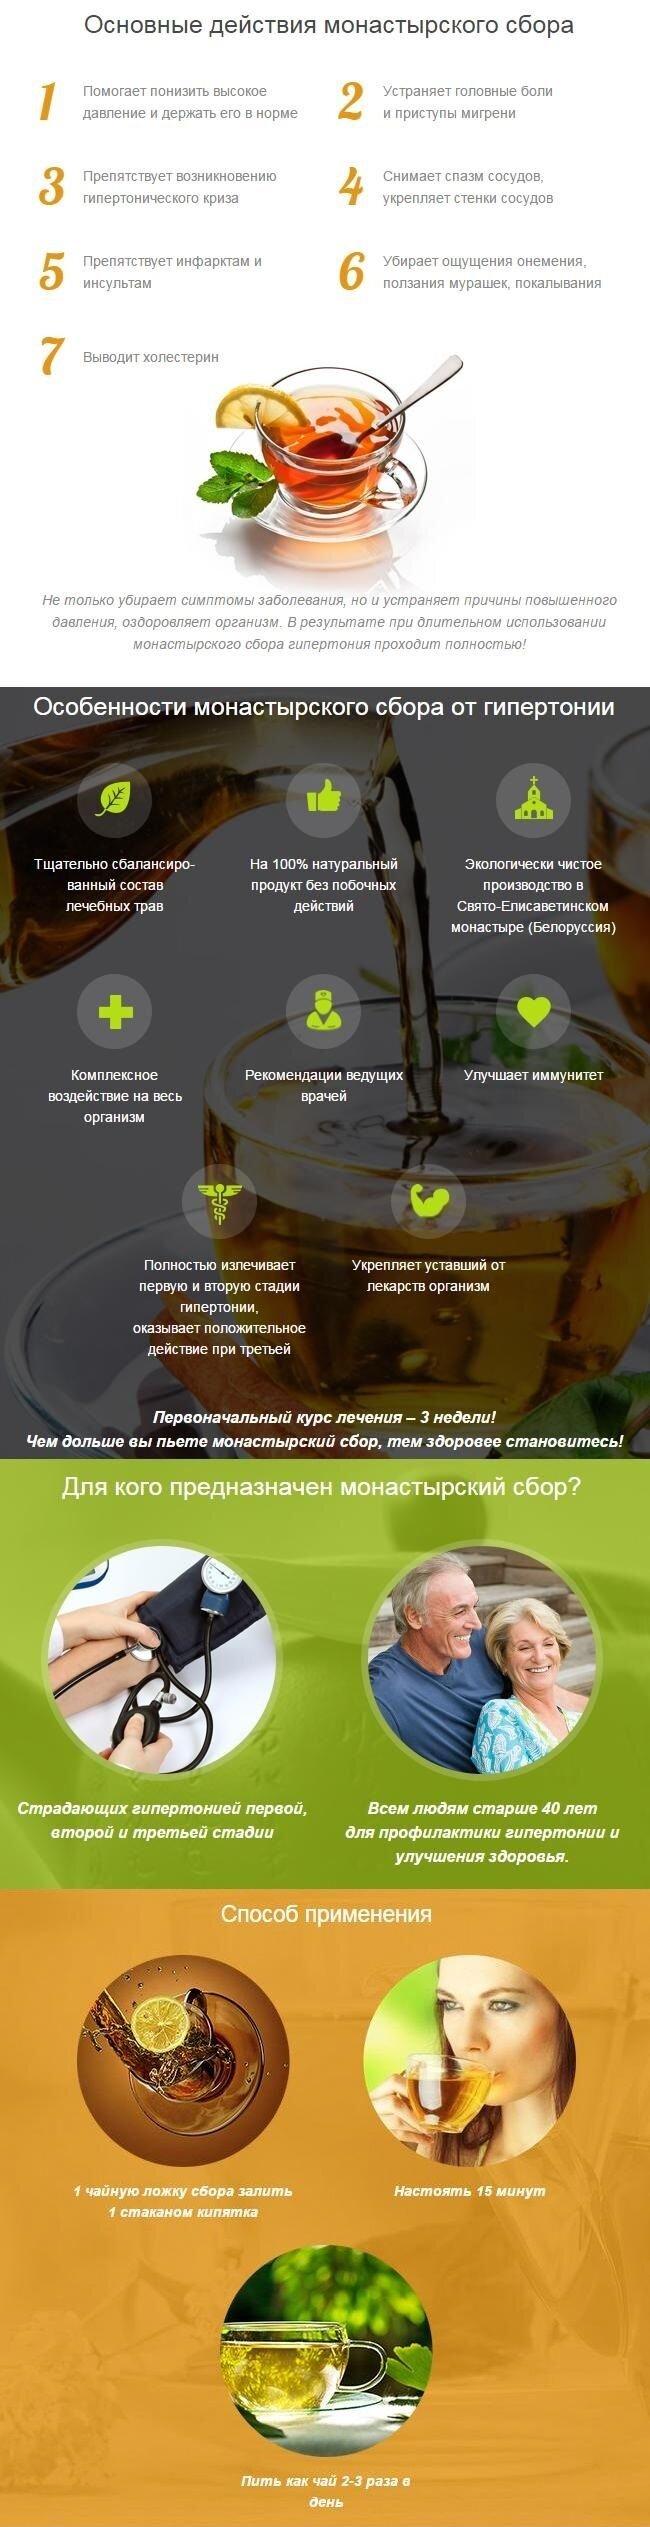 Монастырский чай гипертонический - фото Монастырский сбор от гипертонии